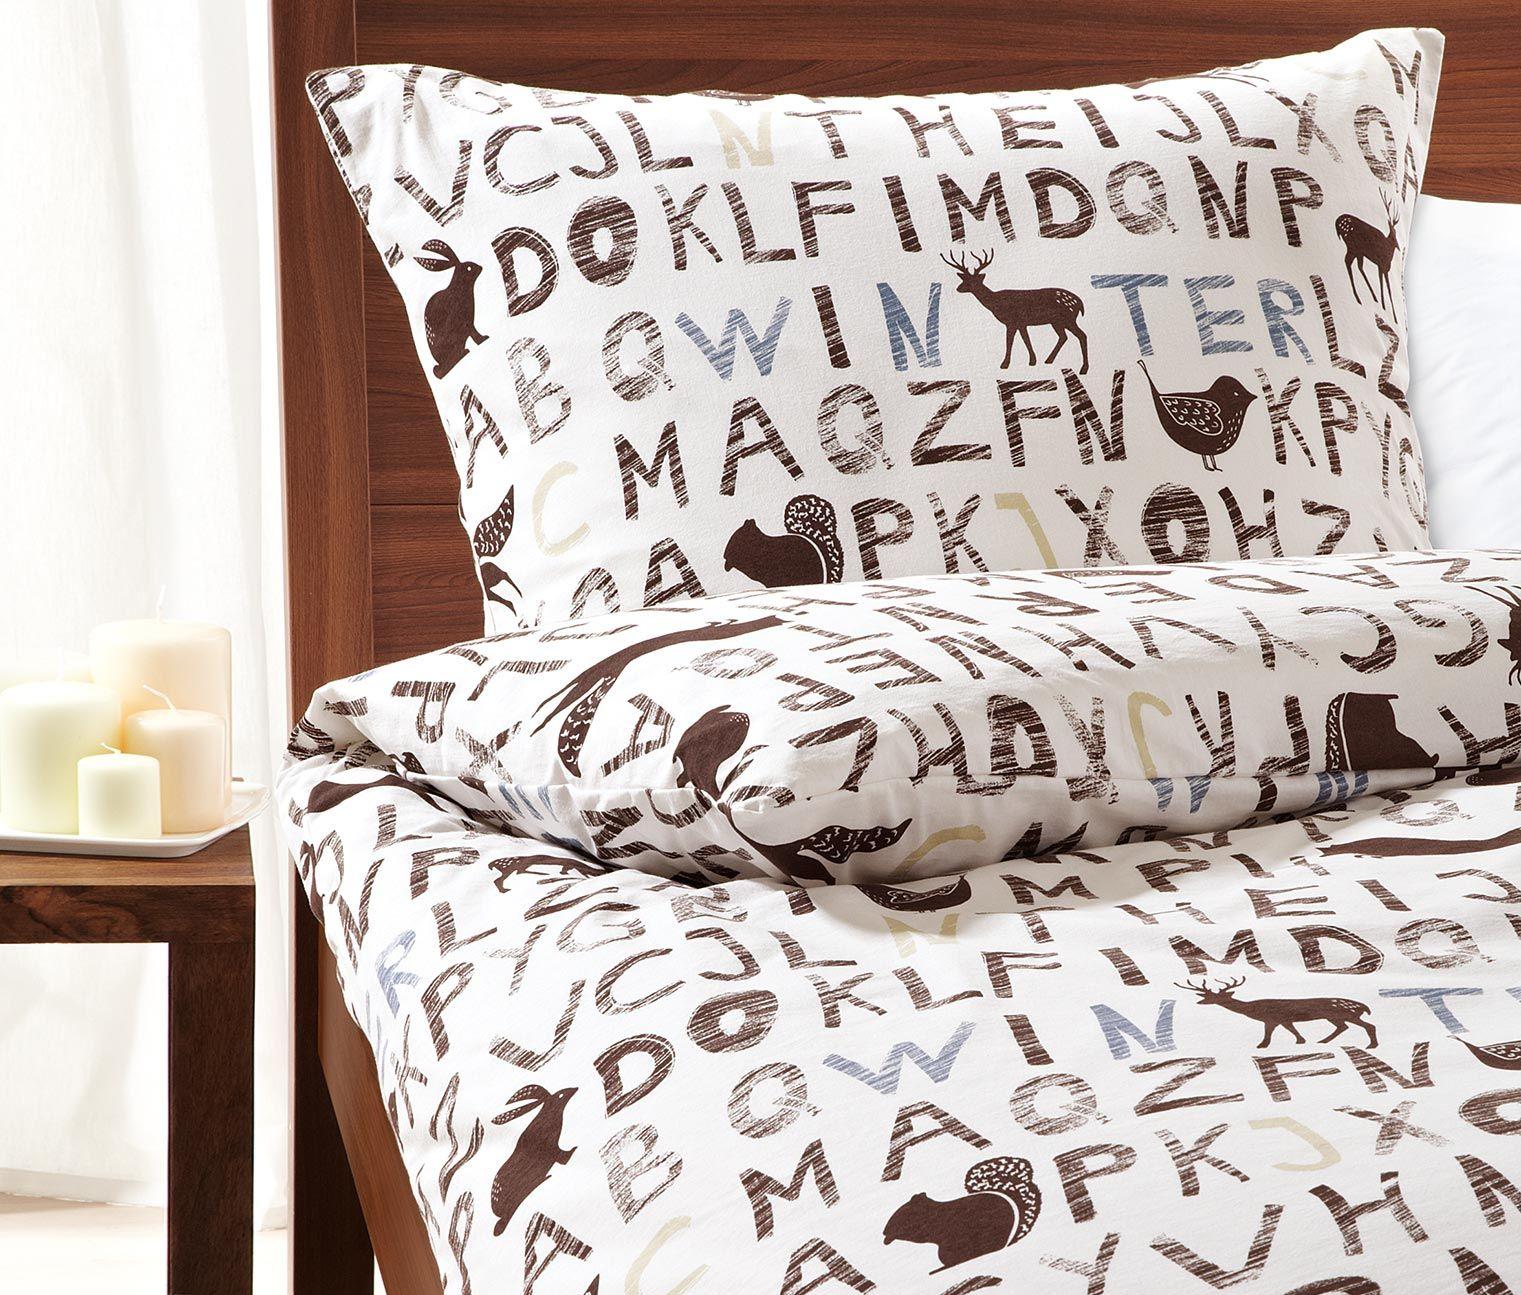 jetzt aber ab ins bett jersey bettw sche mit buchstaben und tieren f r 29 95 bei tchibo. Black Bedroom Furniture Sets. Home Design Ideas